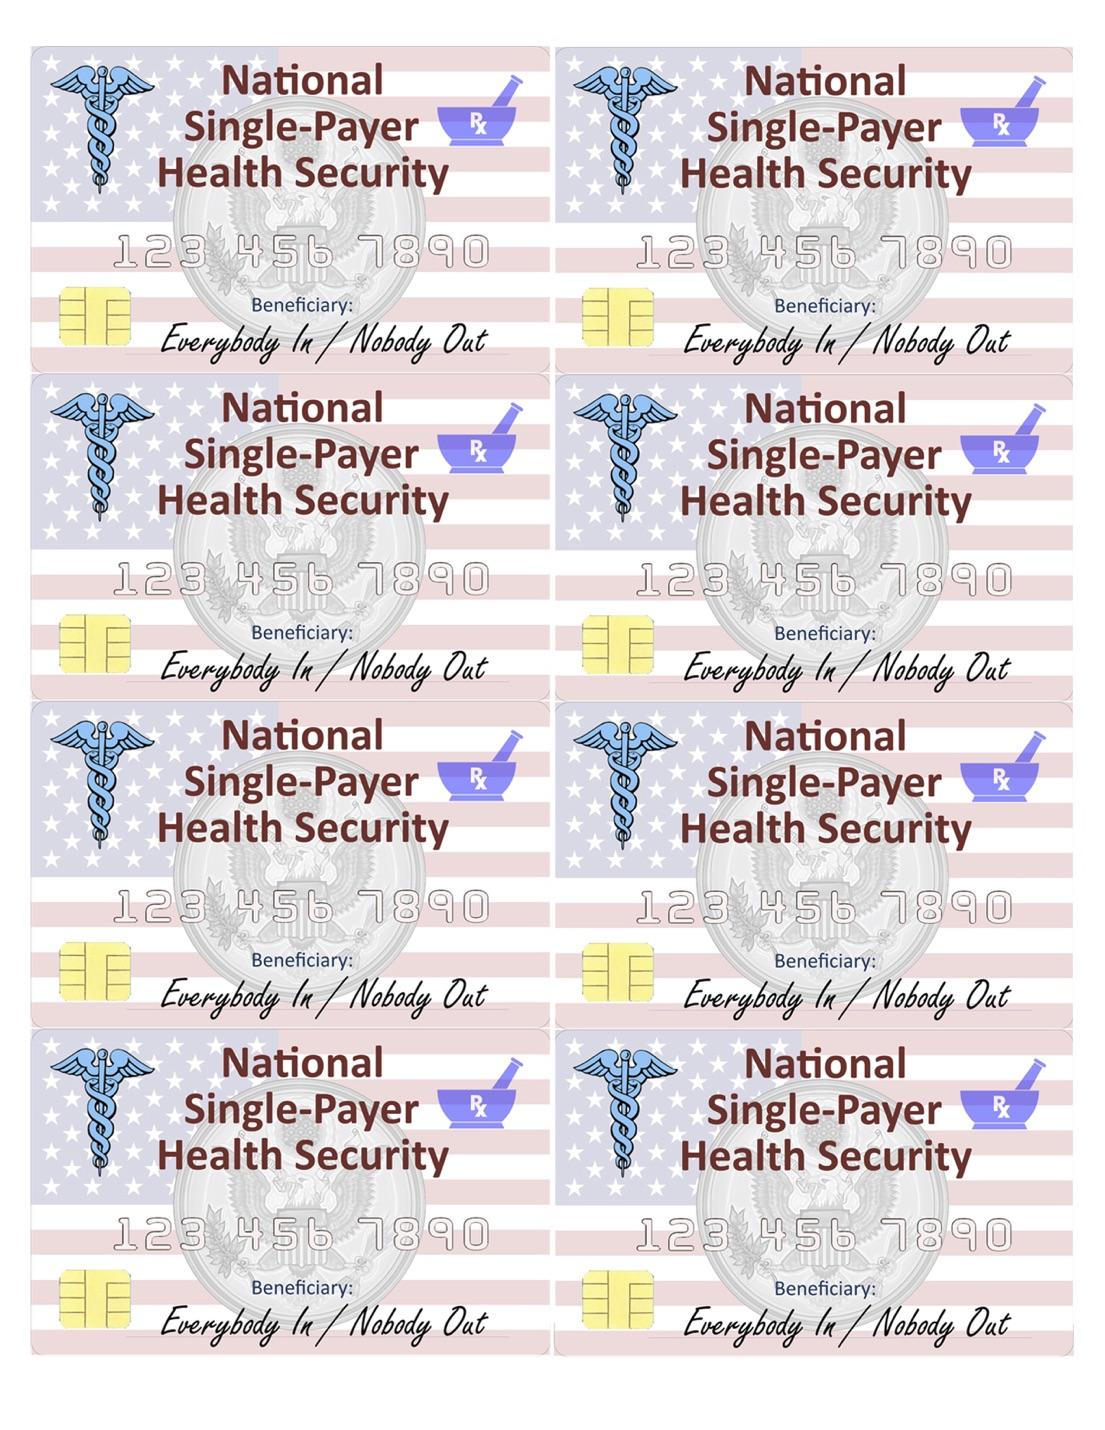 HealthSecurityCard8perFrontNew.jpg